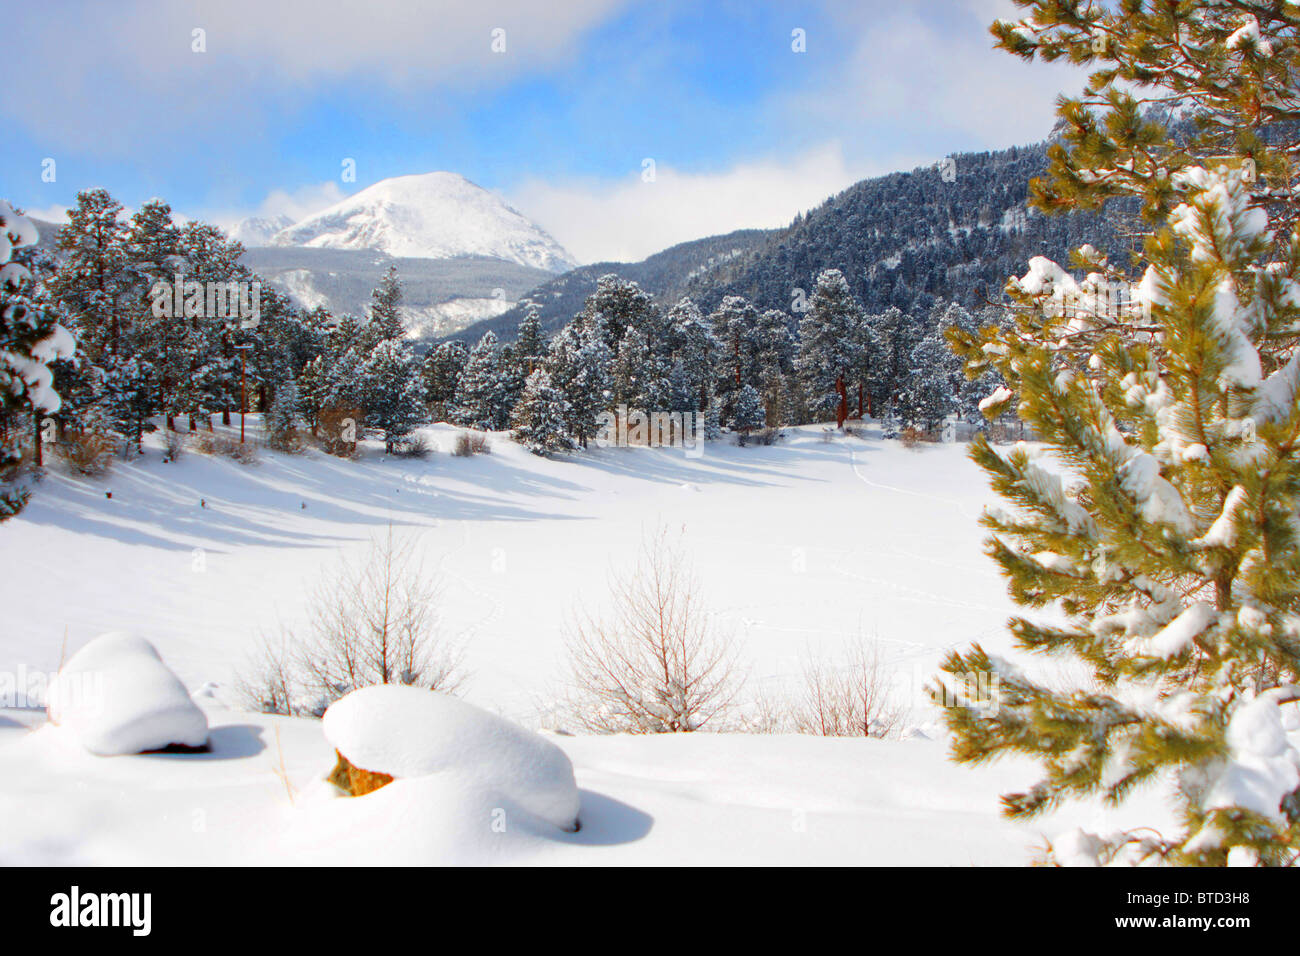 Snow scene in the mountains Estes Park Colorado - Stock Image